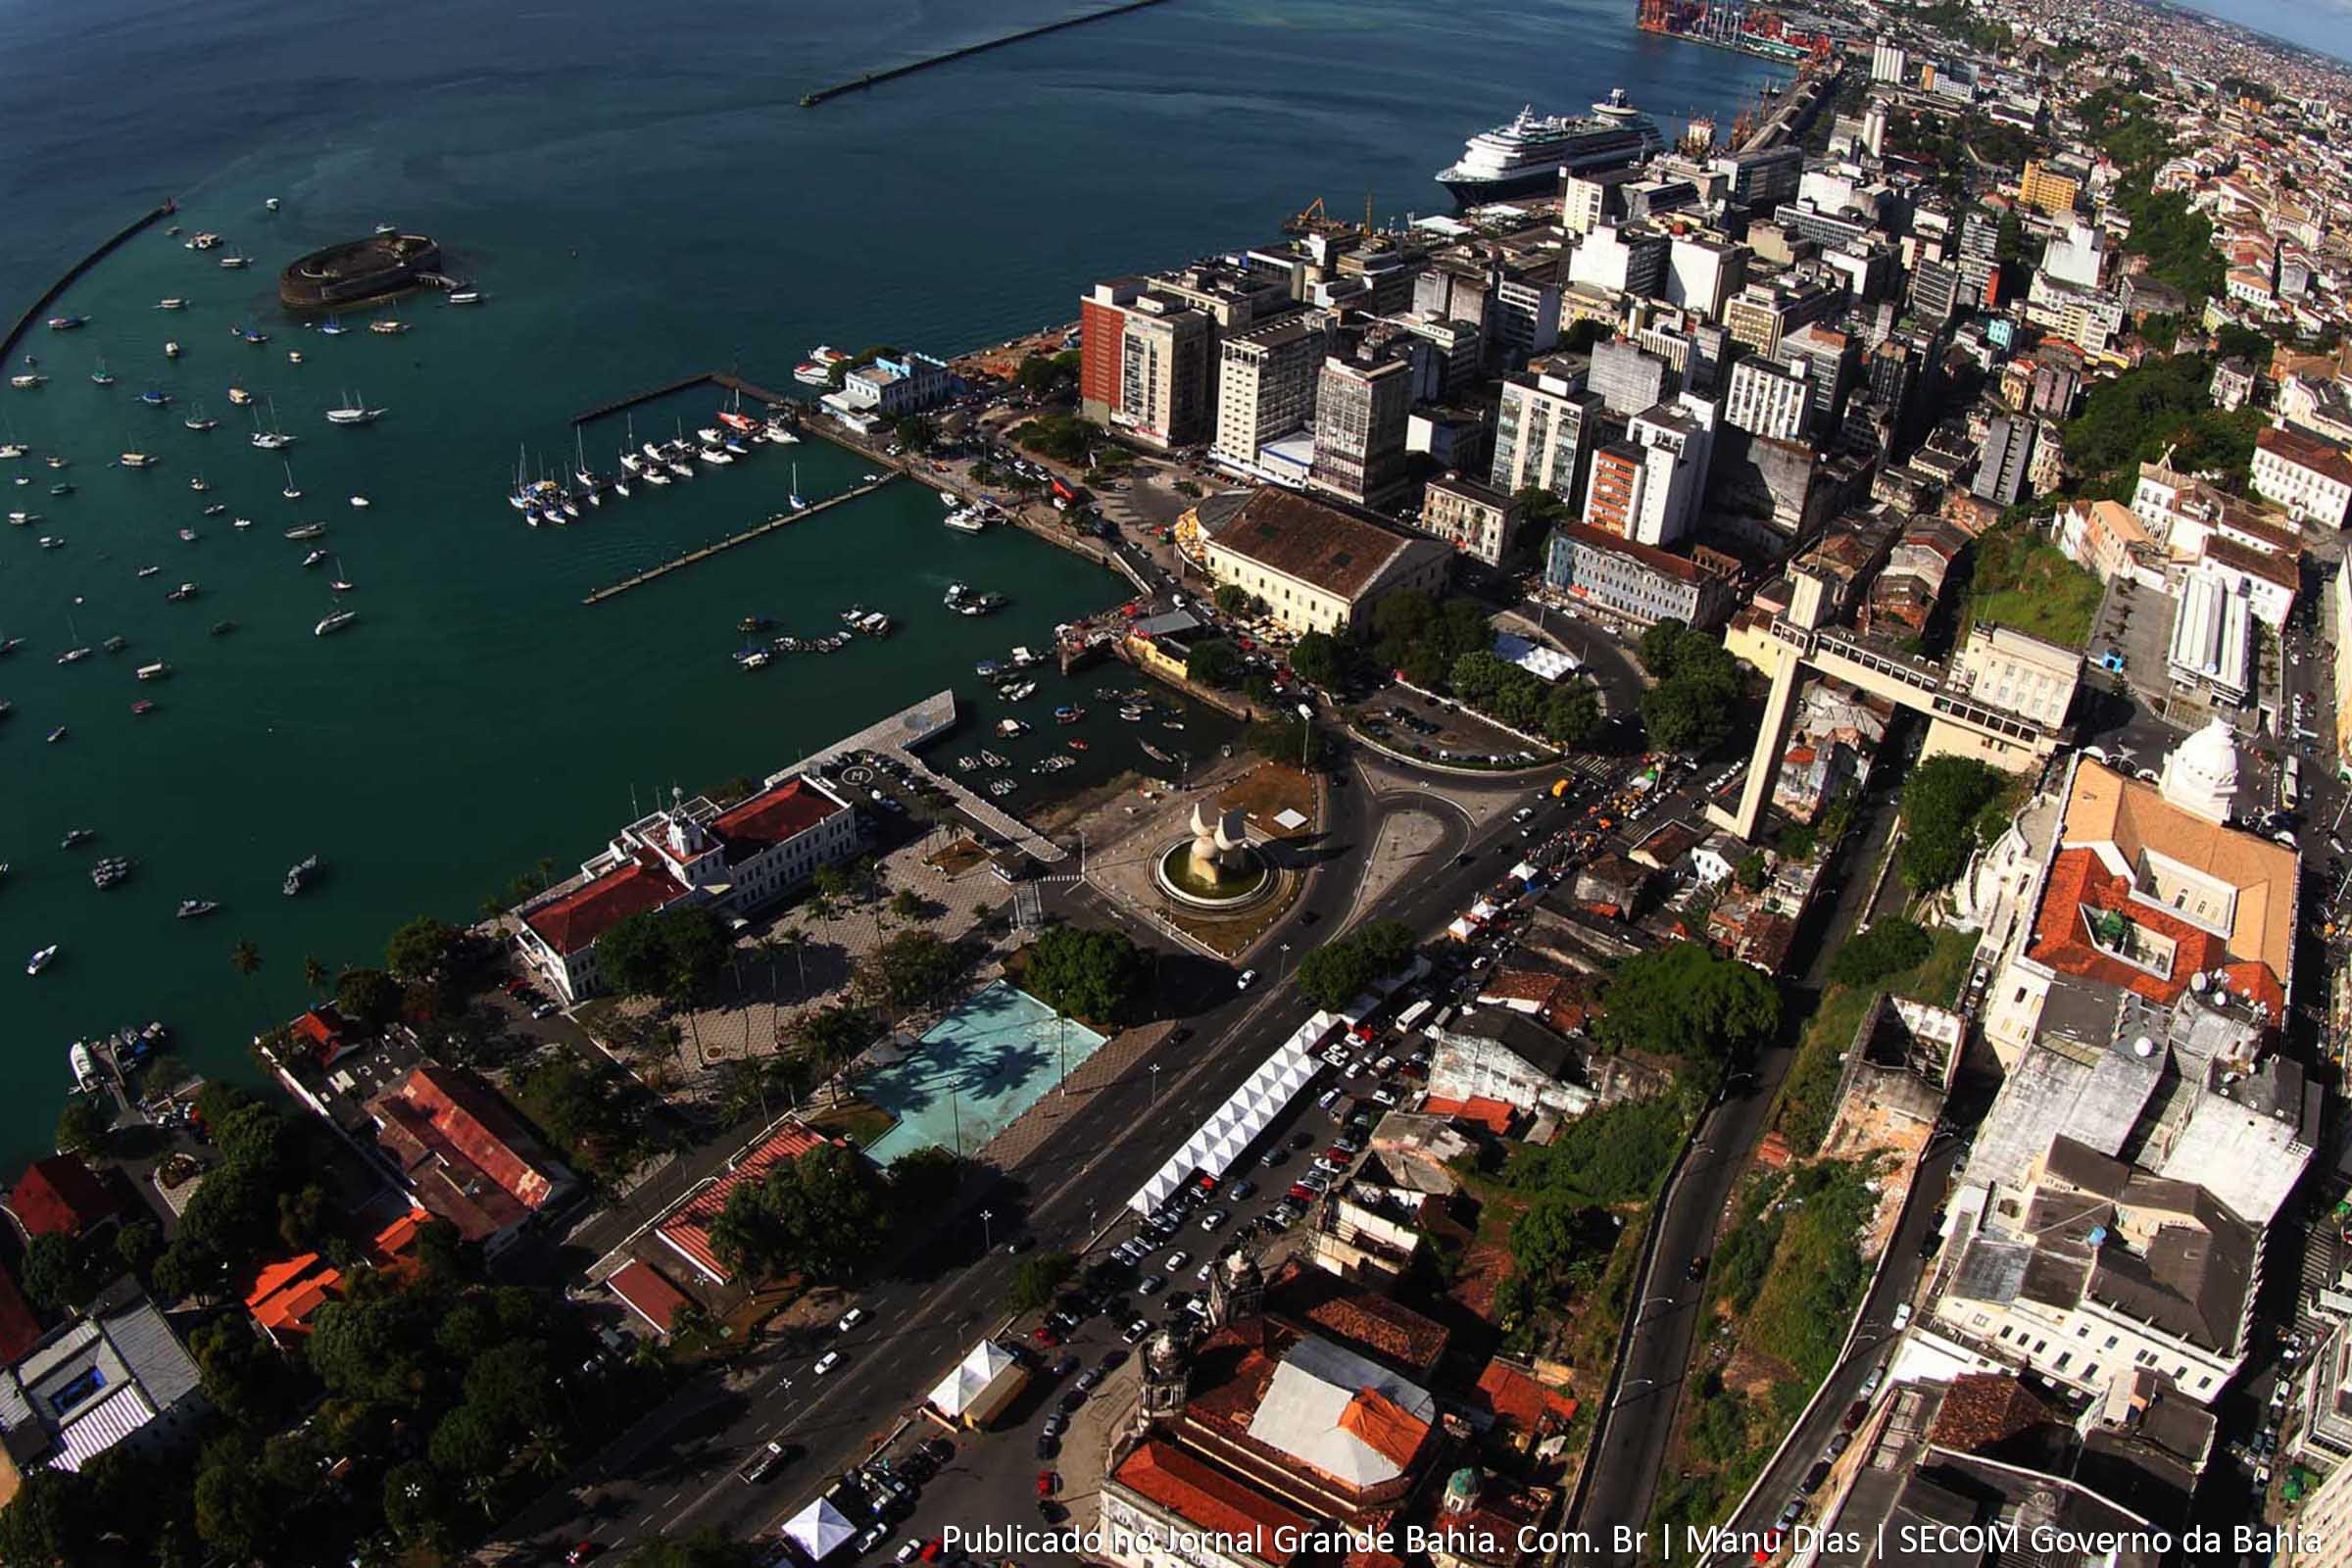 http://www.jornalgrandebahia.com.br/wp-content/uploads/2013/06/Salvador-Cidade-Baixa-com-Mercado-Modelo.jpg